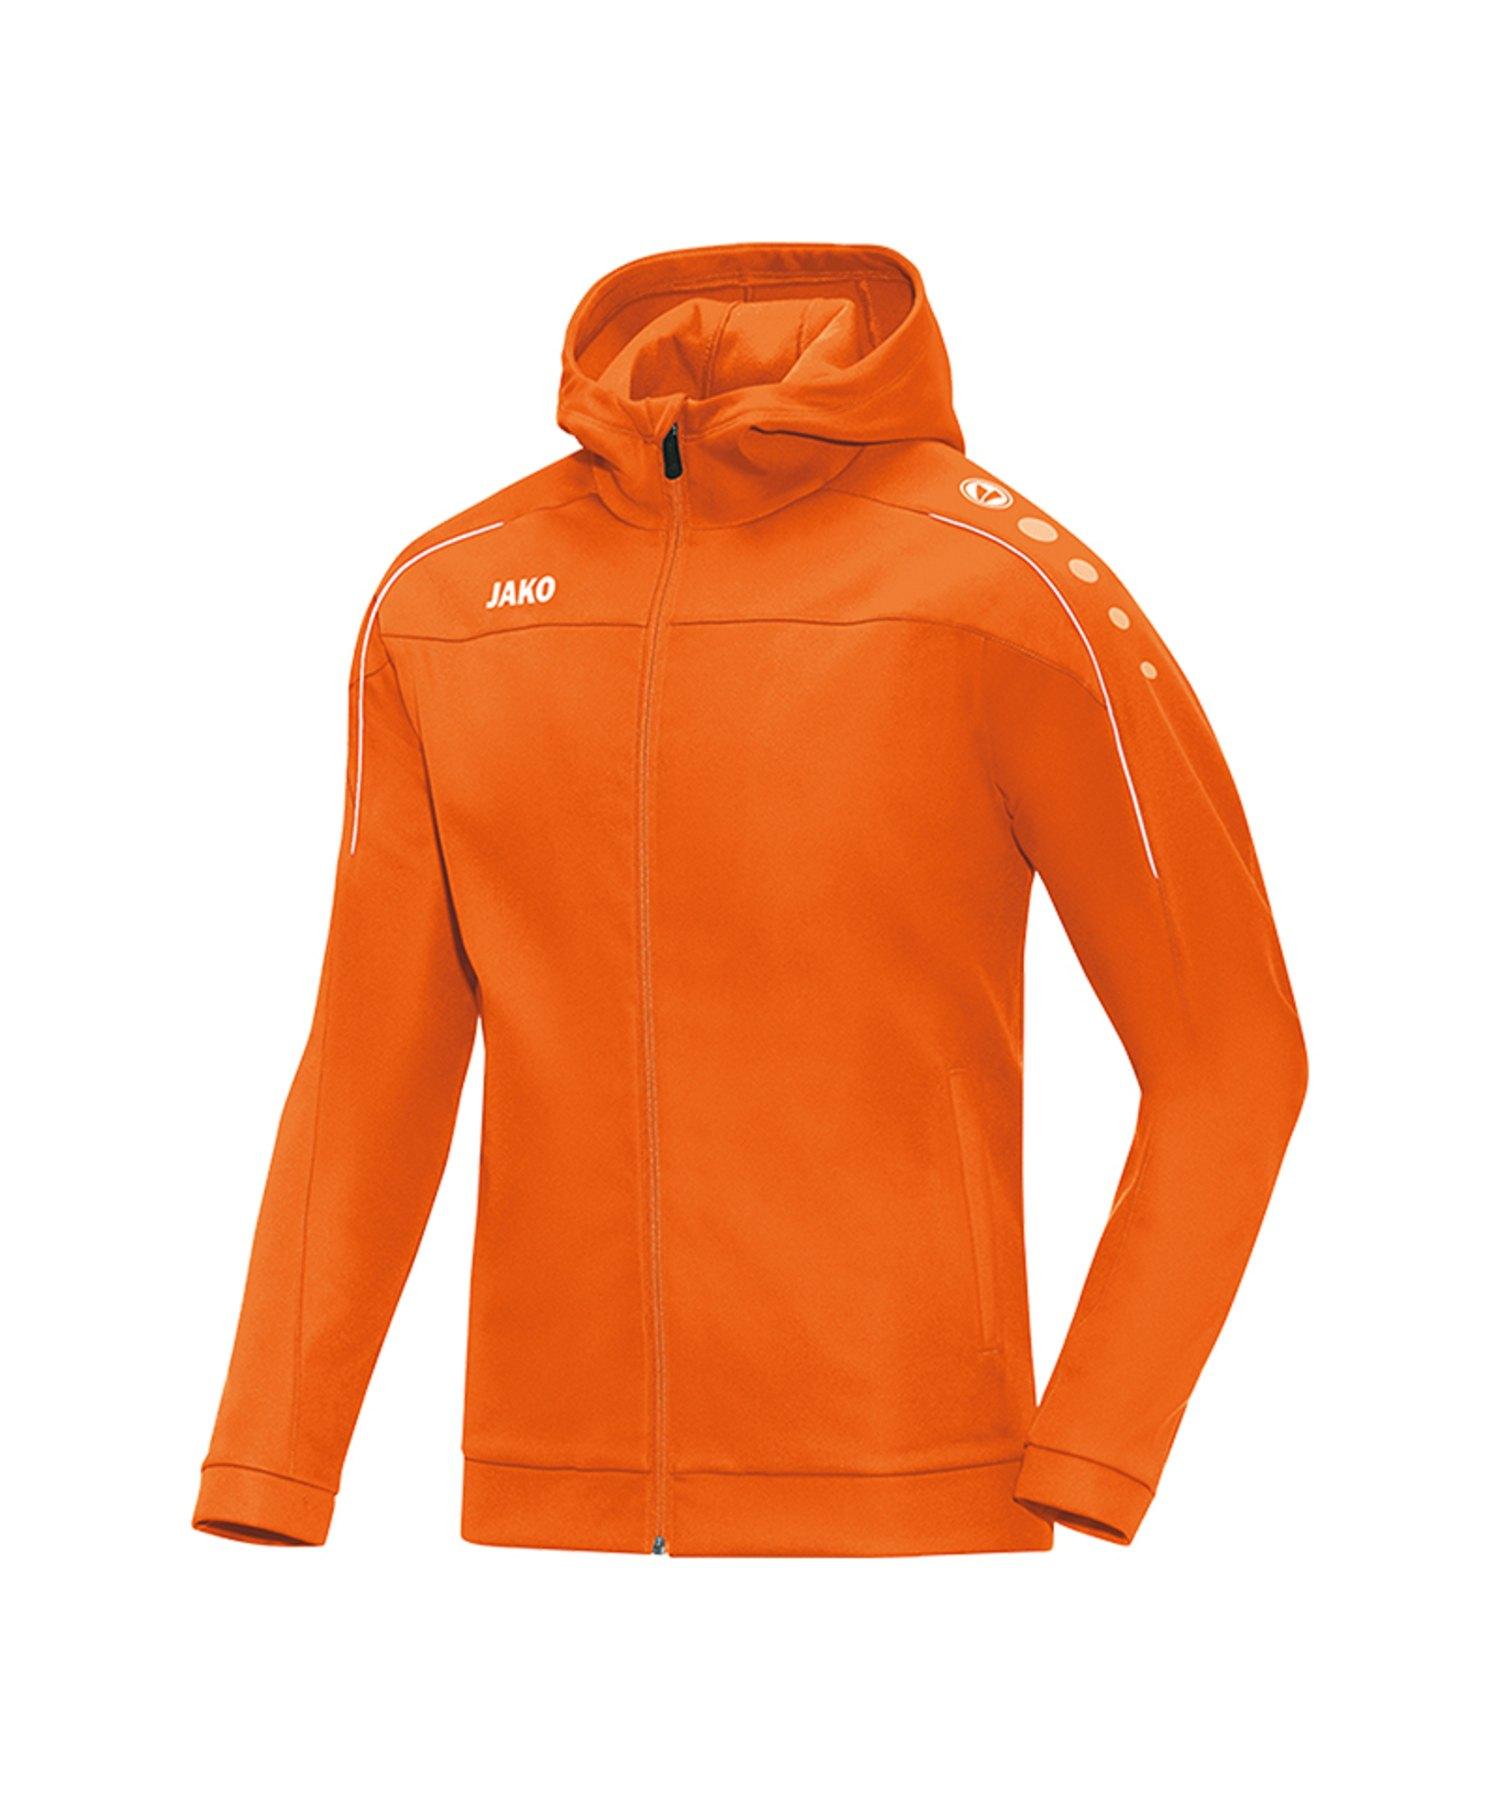 Jako Classico Kapuzenjacke Damen Orange F19 - Orange